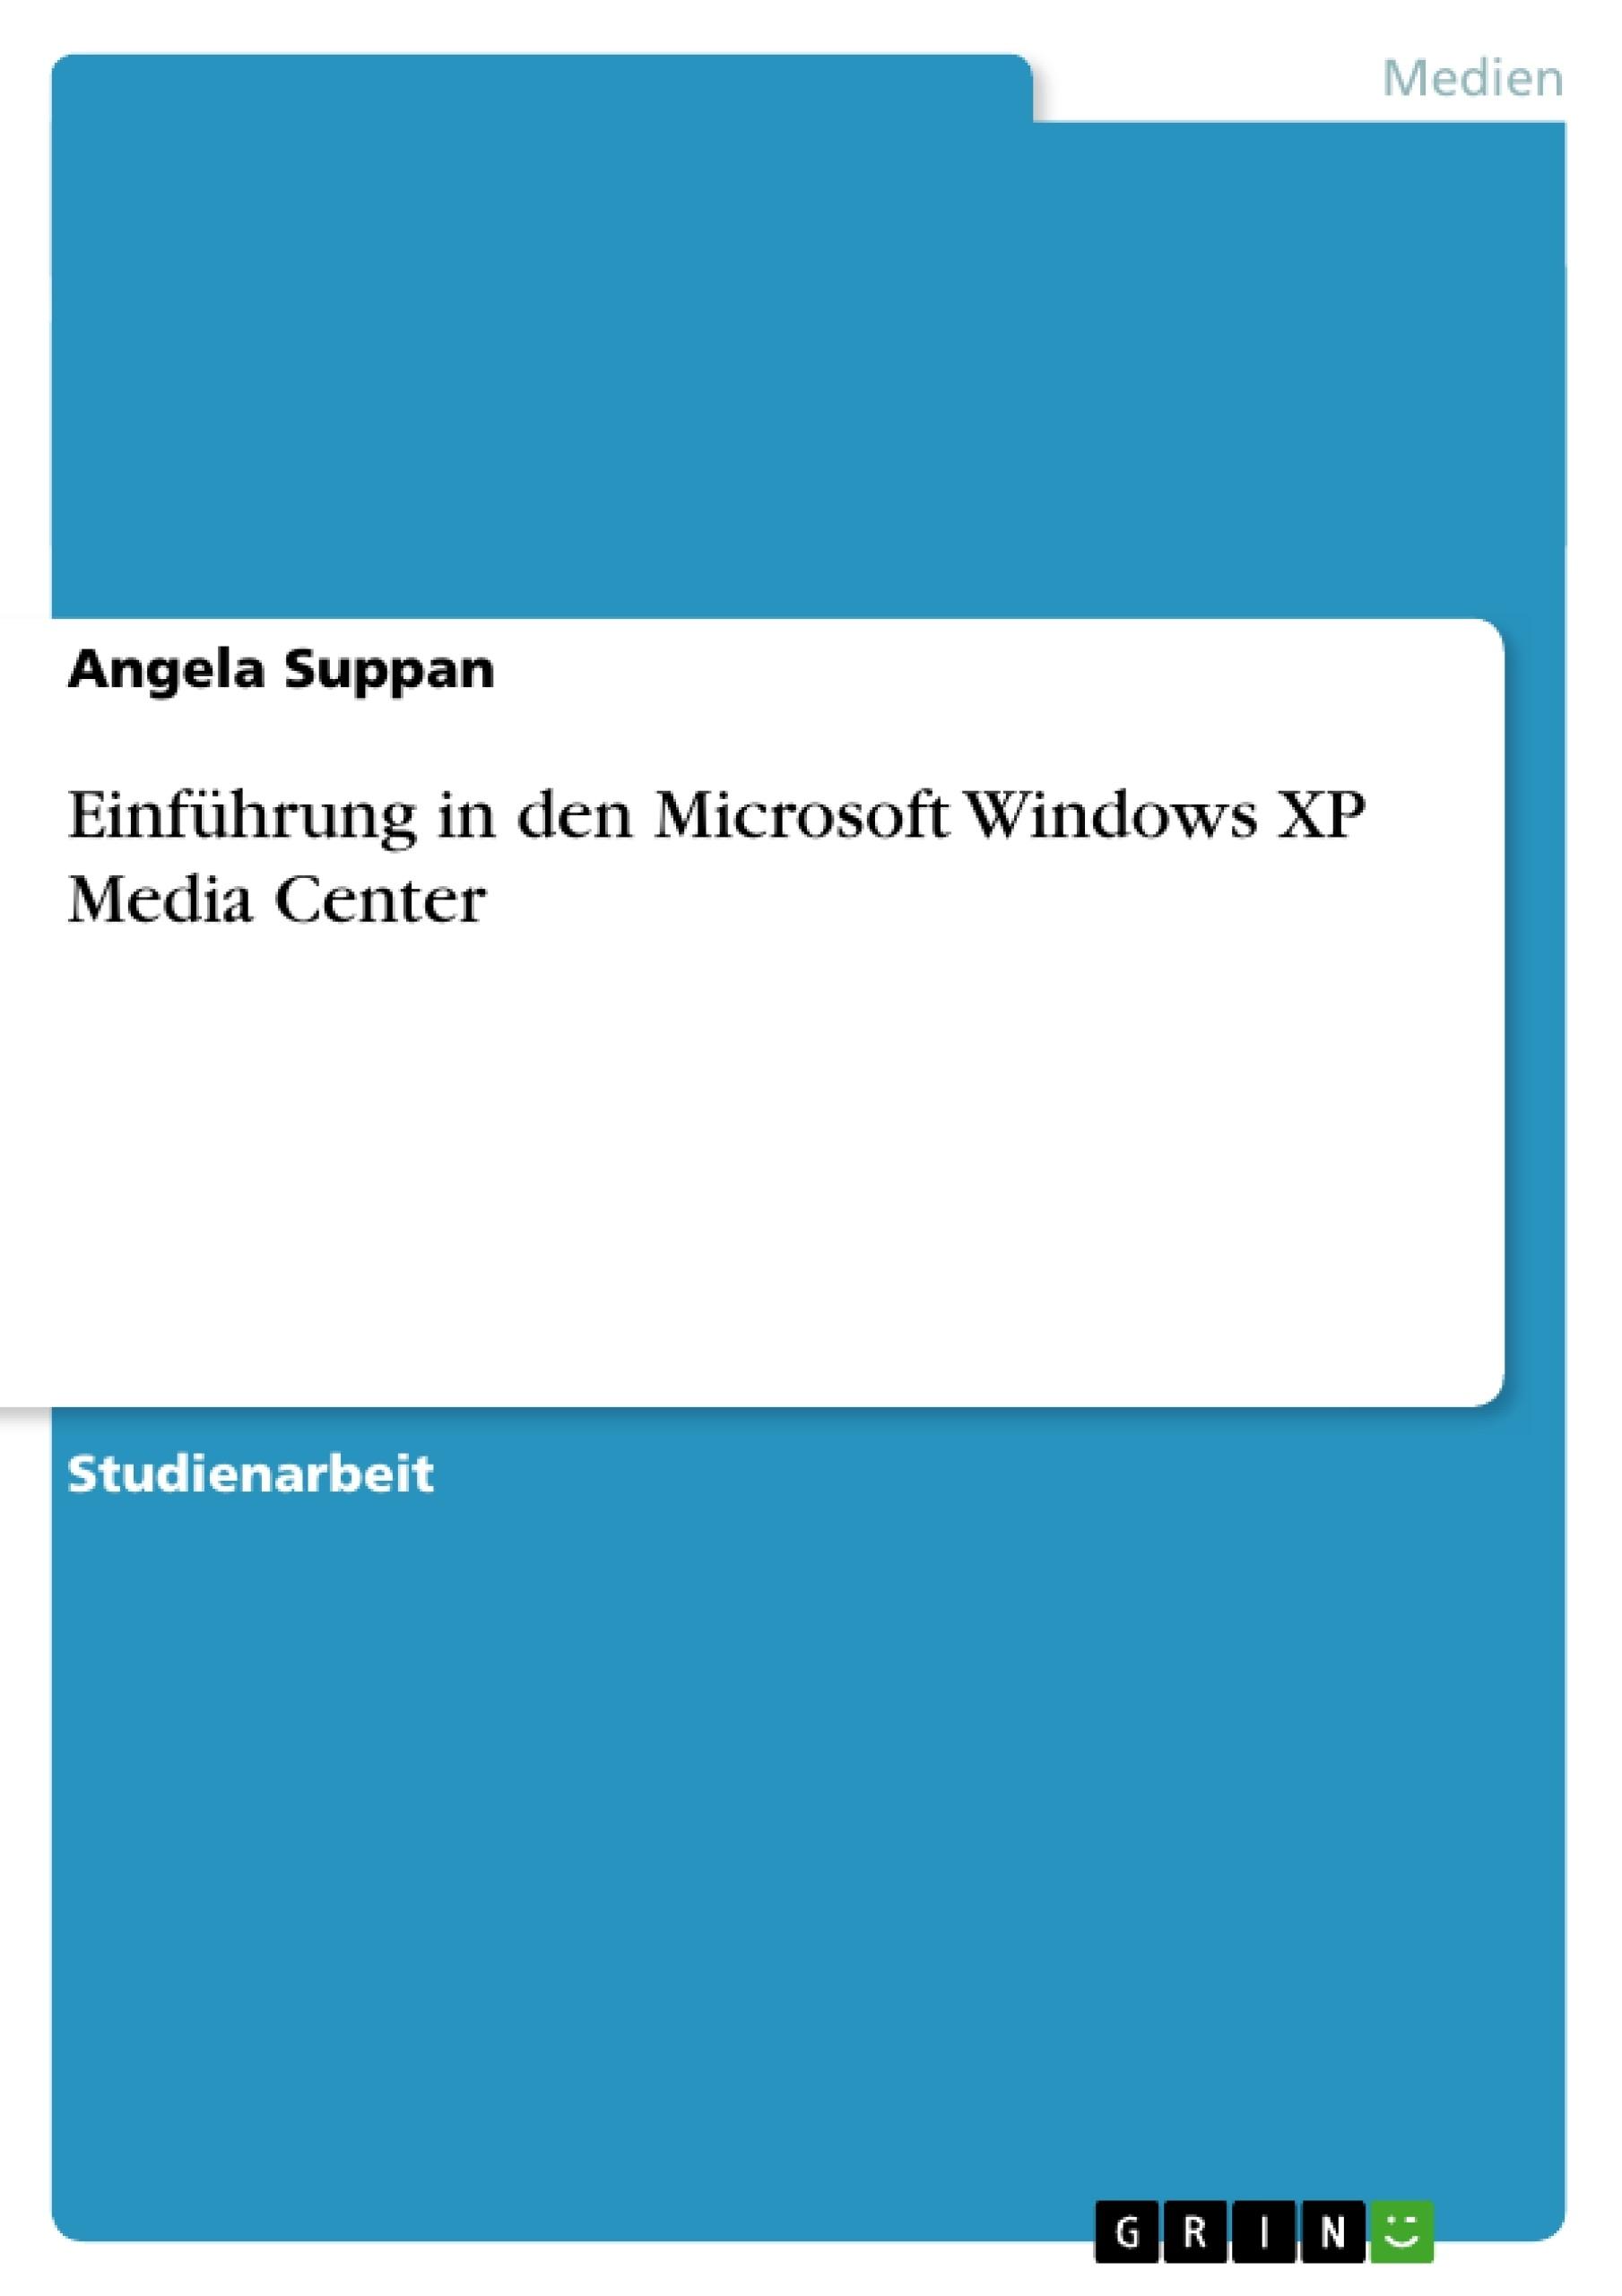 Titel: Einführung in den Microsoft Windows XP Media Center